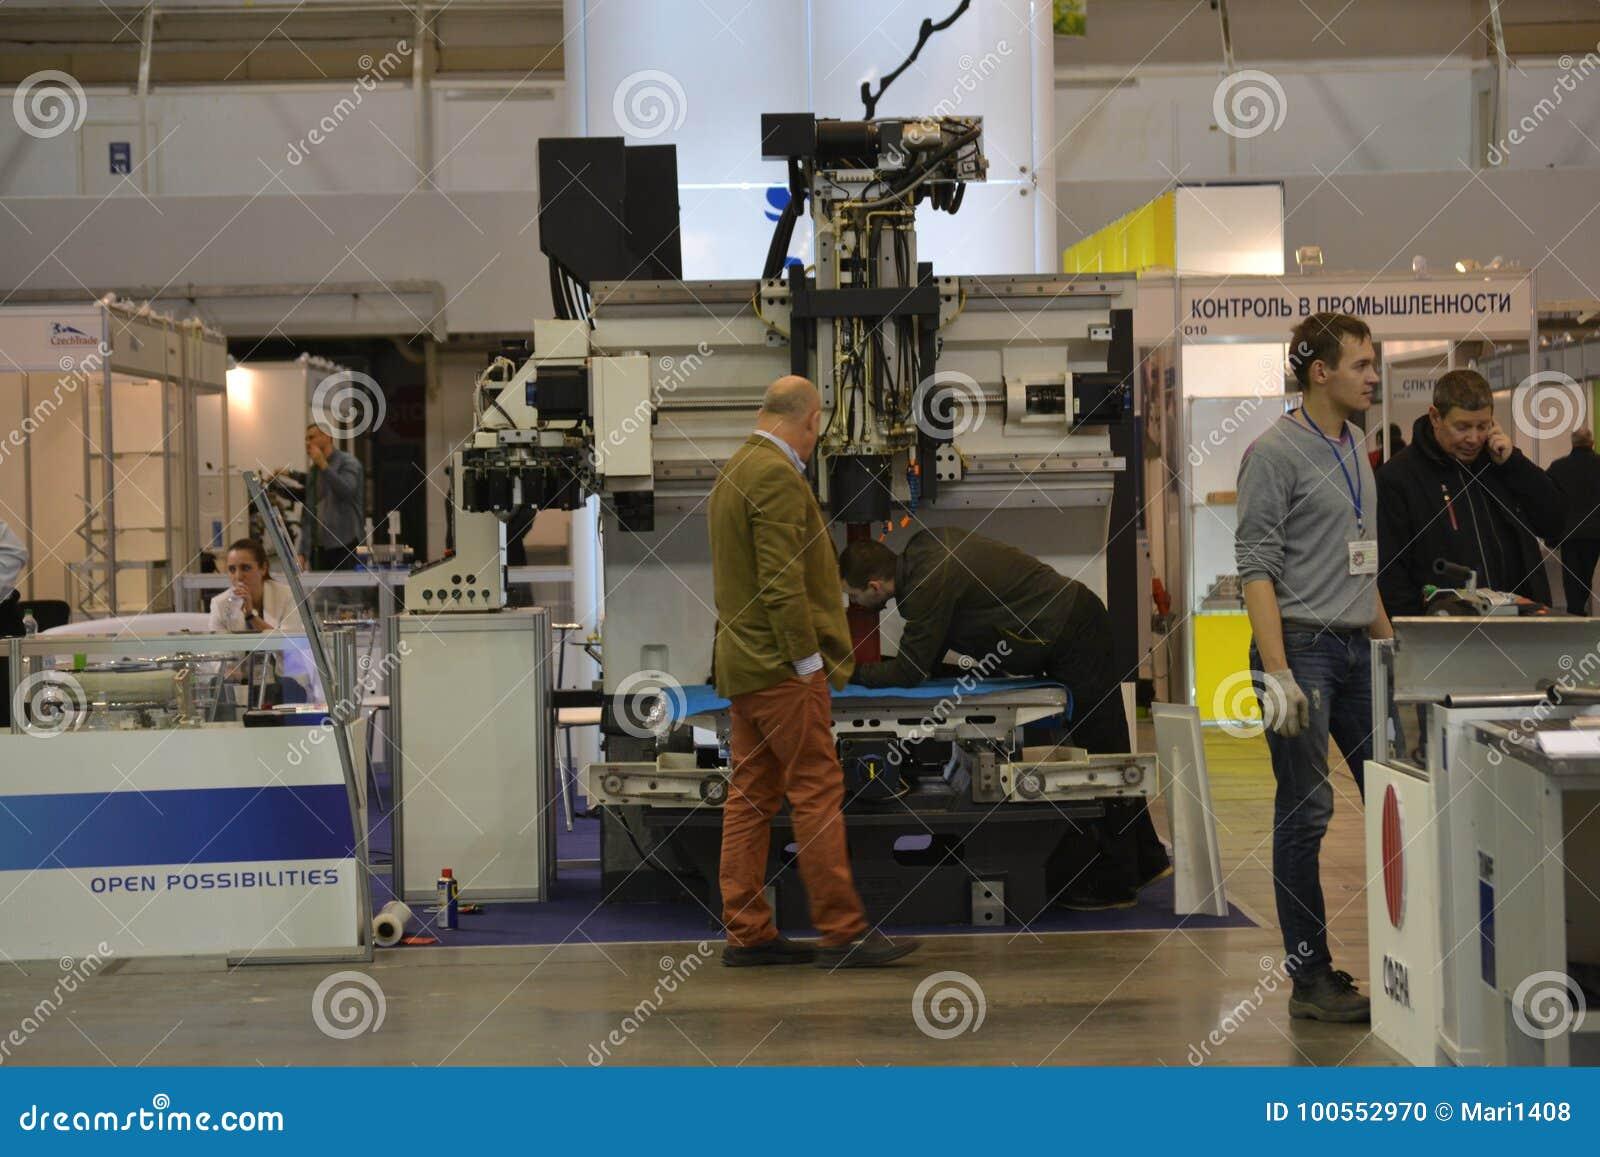 Βιομηχανικά μηχανήματα, βιομηχανικός εξοπλισμός, βιομηχανικά εγκαταστάσεις και εργαλεία μηχανών, τόρνοι μηχανημάτων